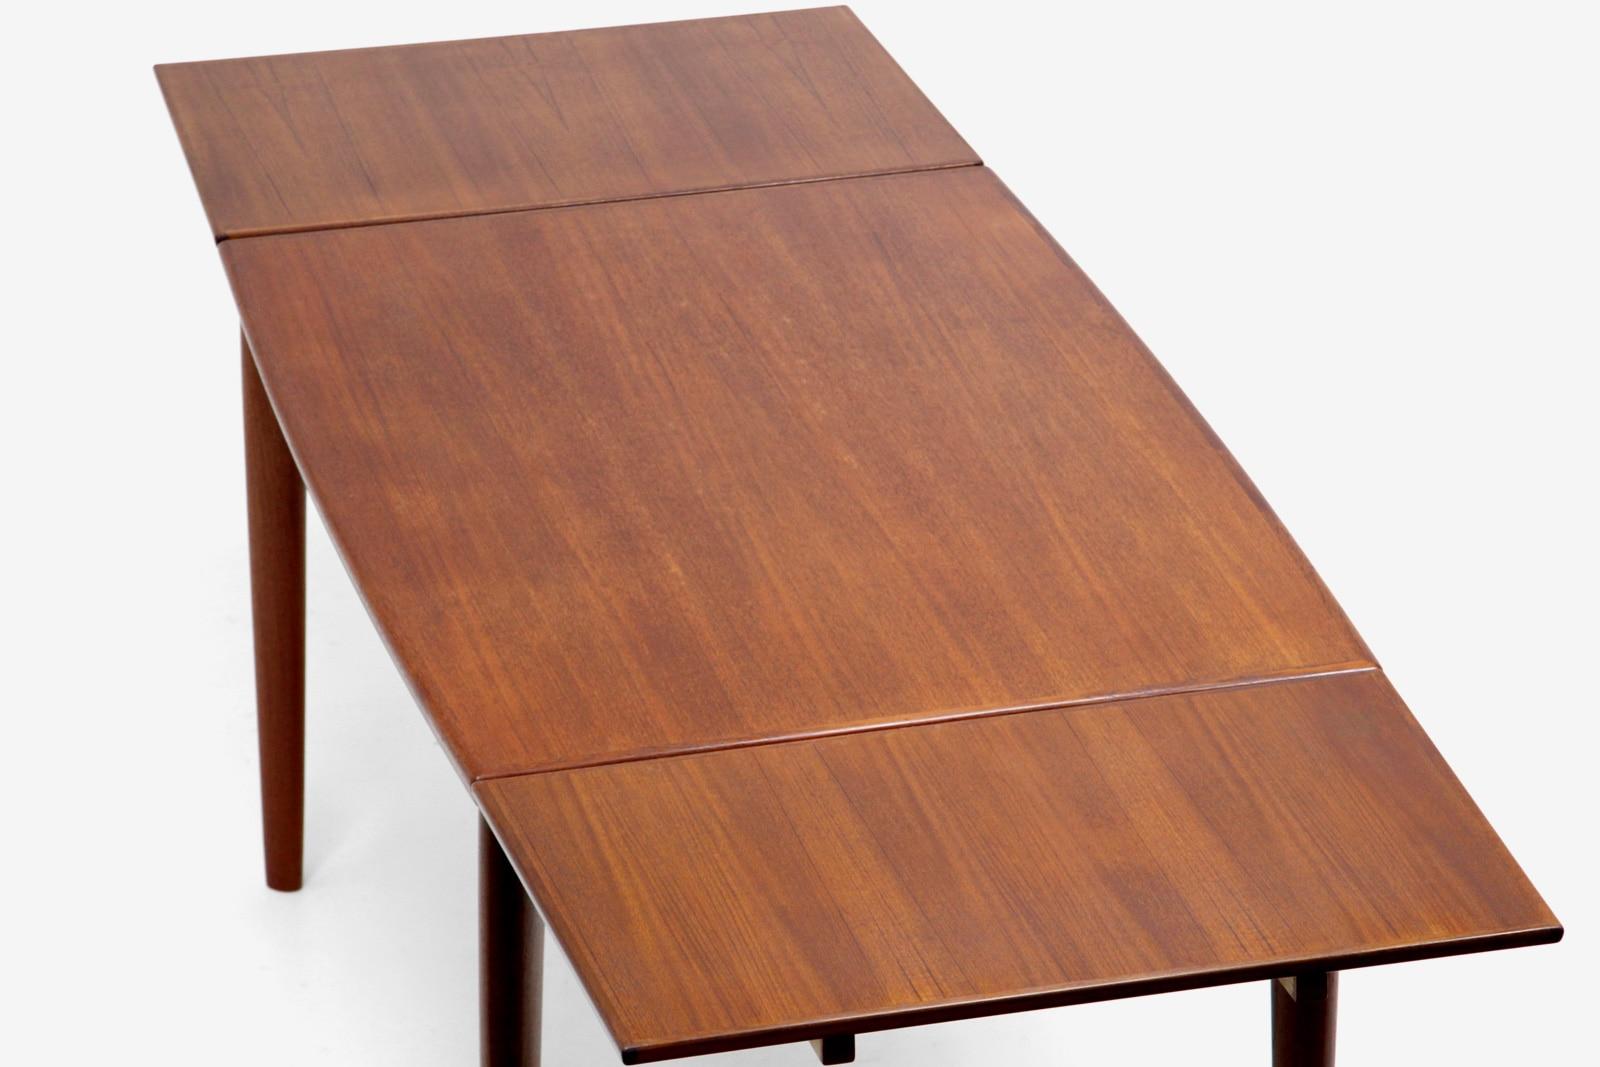 グレーテヤルク,ダイニング,テーブル,伸長式,ドローリーフ